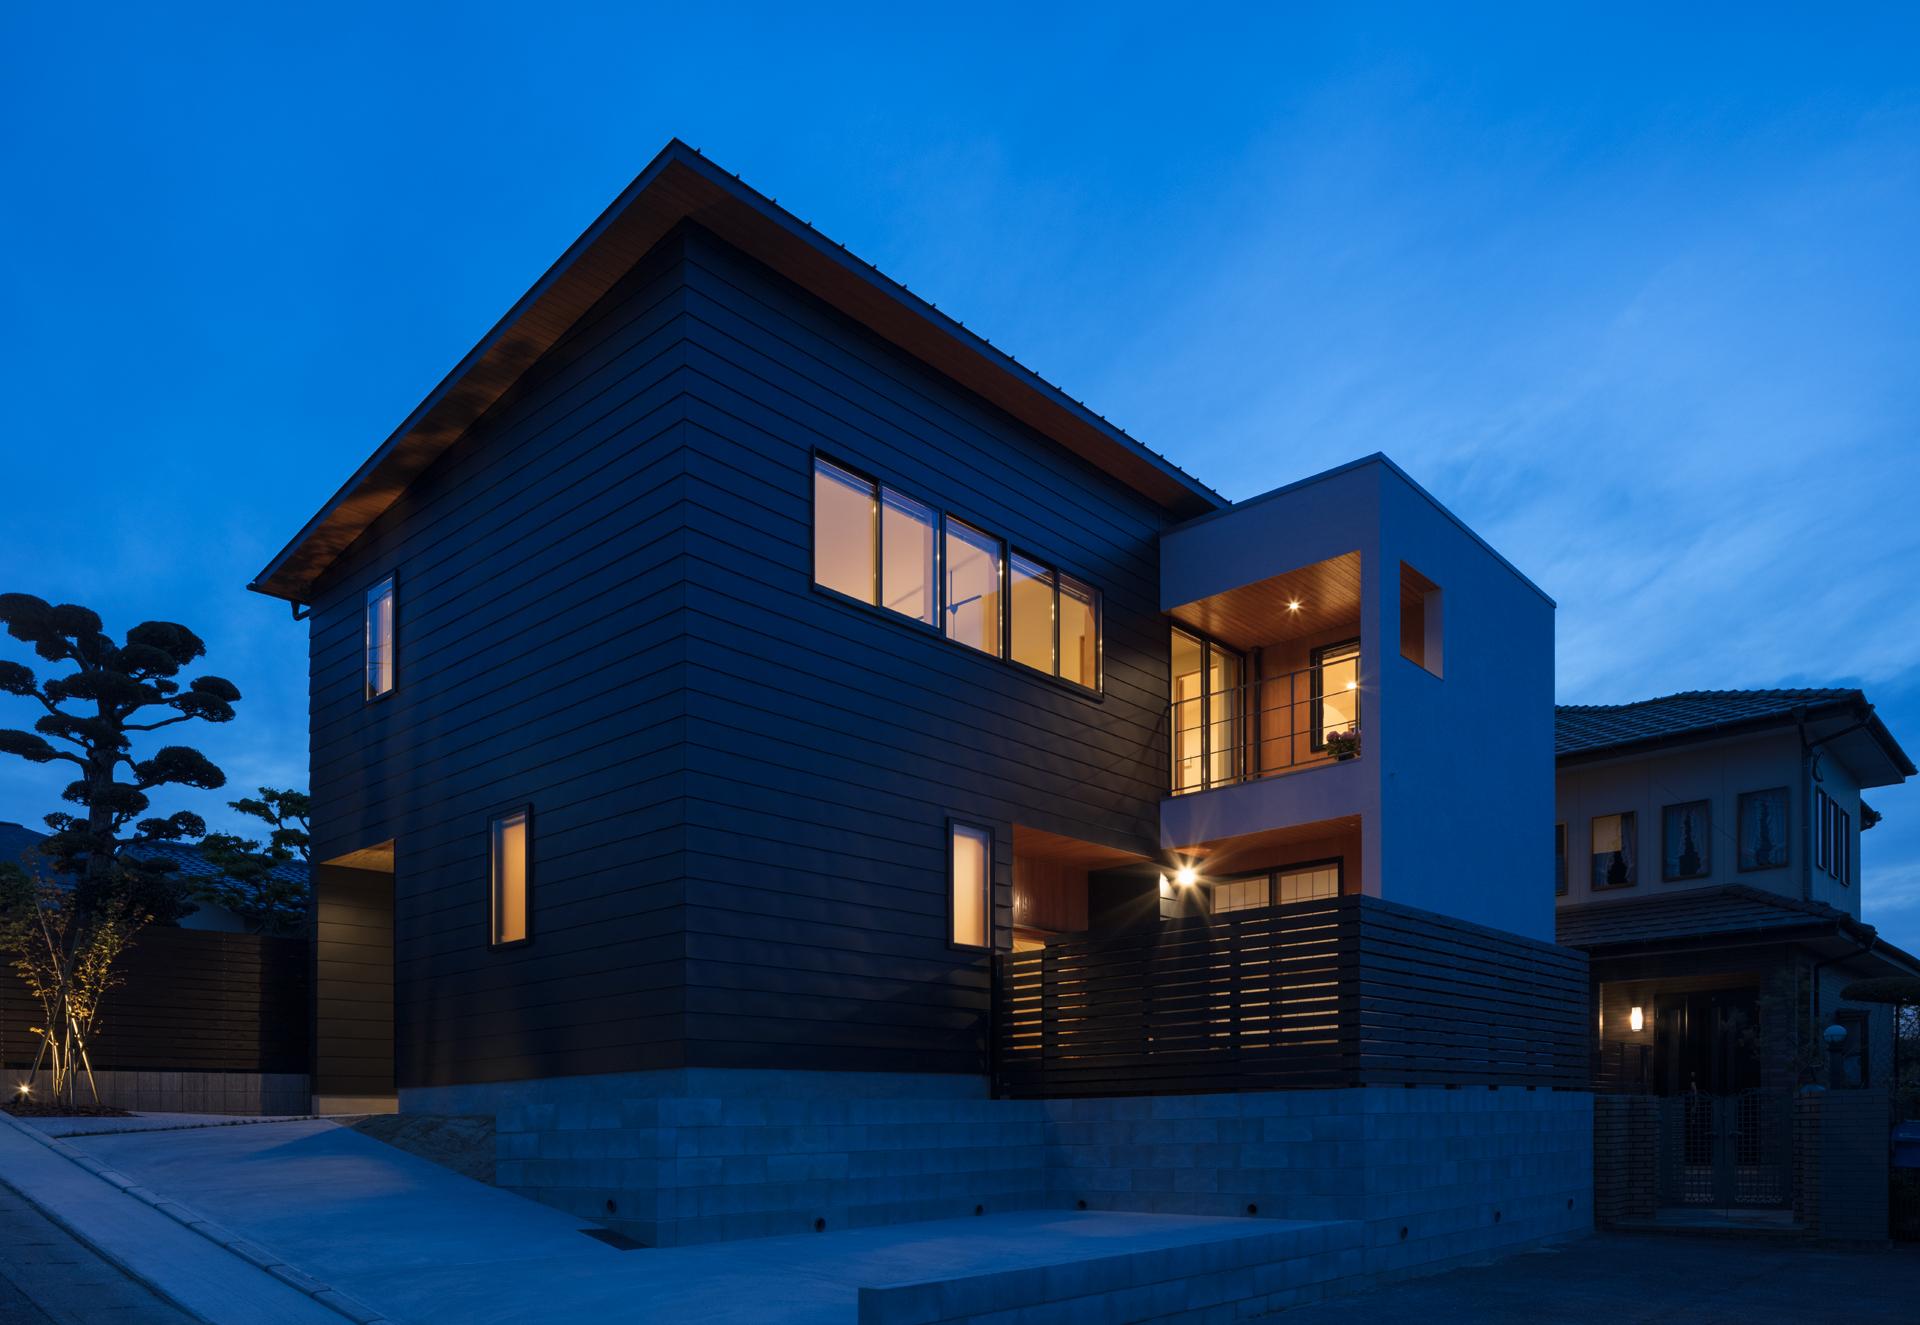 福岡市女性建築士デザイン注文住宅藤本建築設計事務所